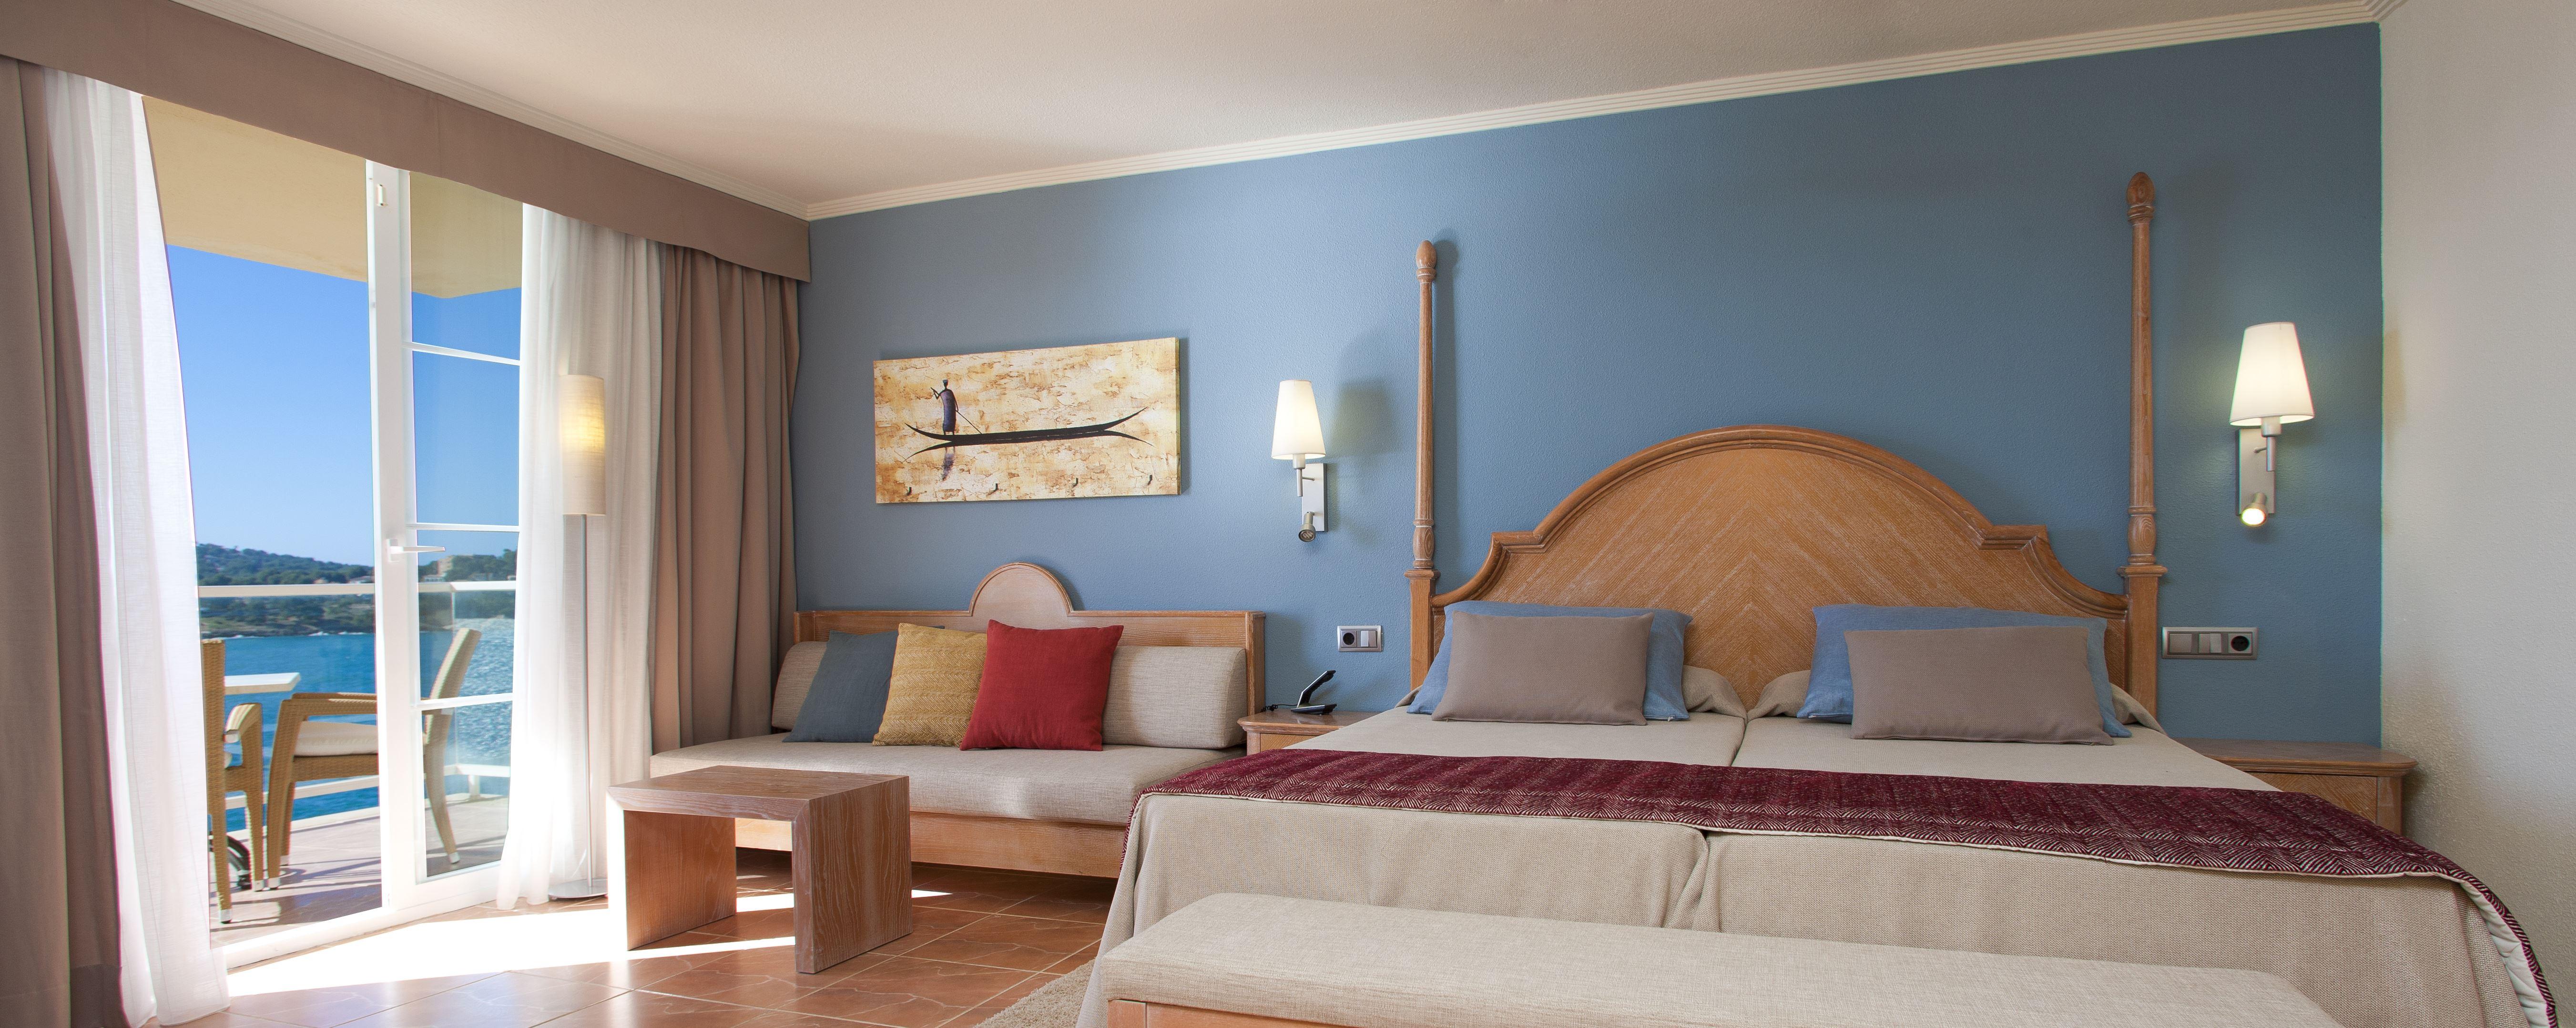 Iberostar Suite Hotel Jardin del Sol: Utsökt läge vid havet